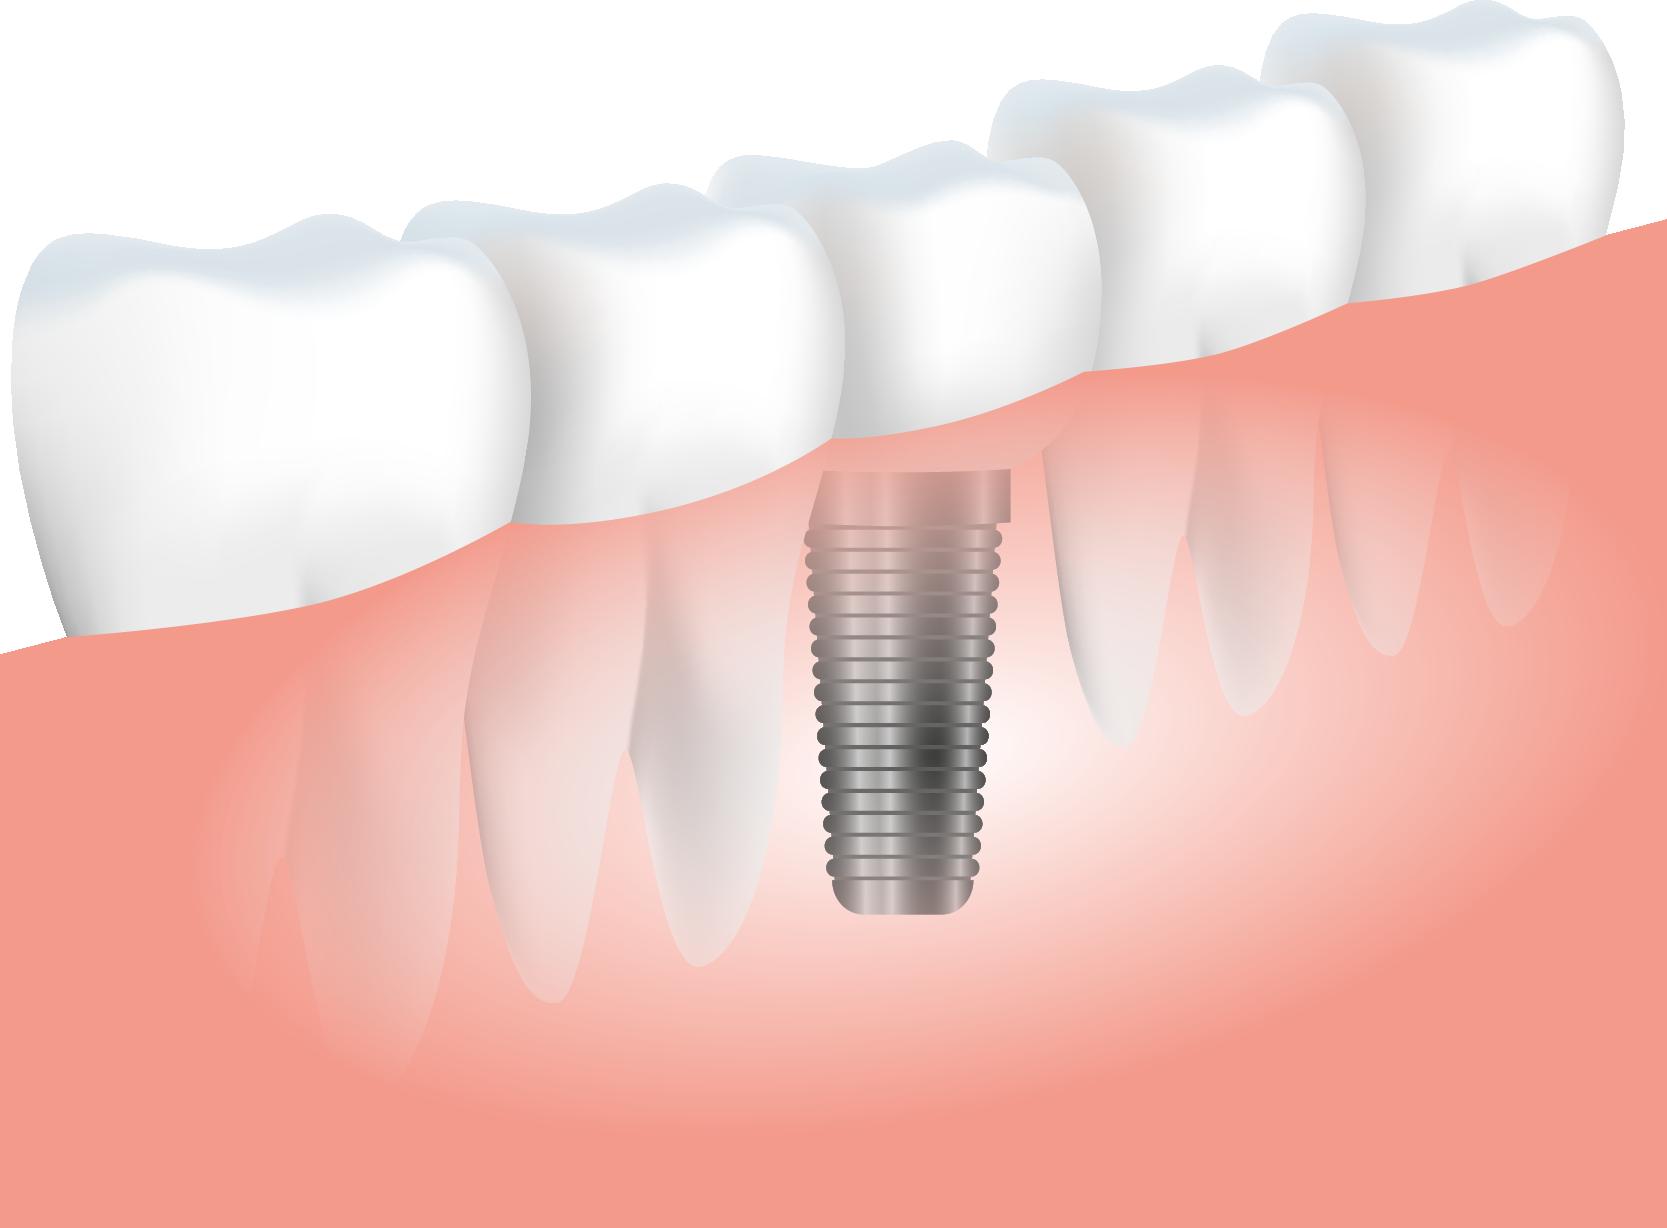 clinica-dental-esplugues-virgen-de-la-merced-implante-dental